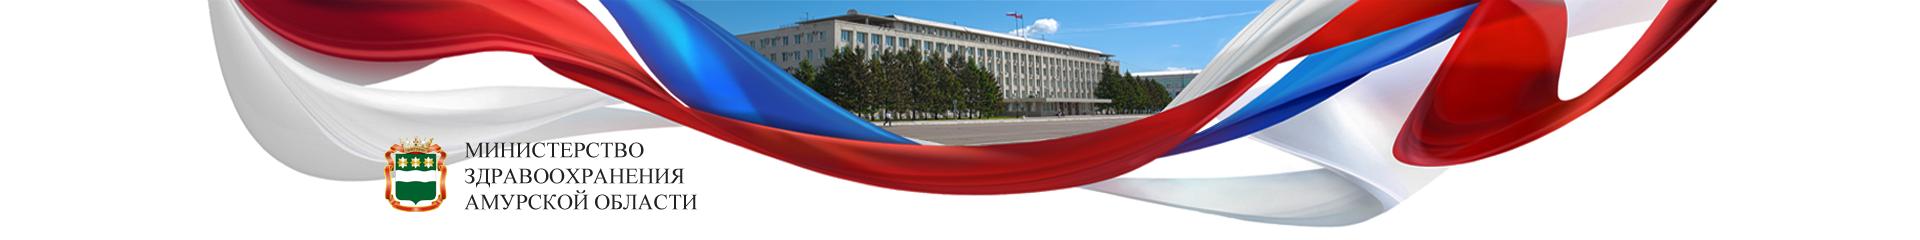 Министерство здравоохранения Амурской области